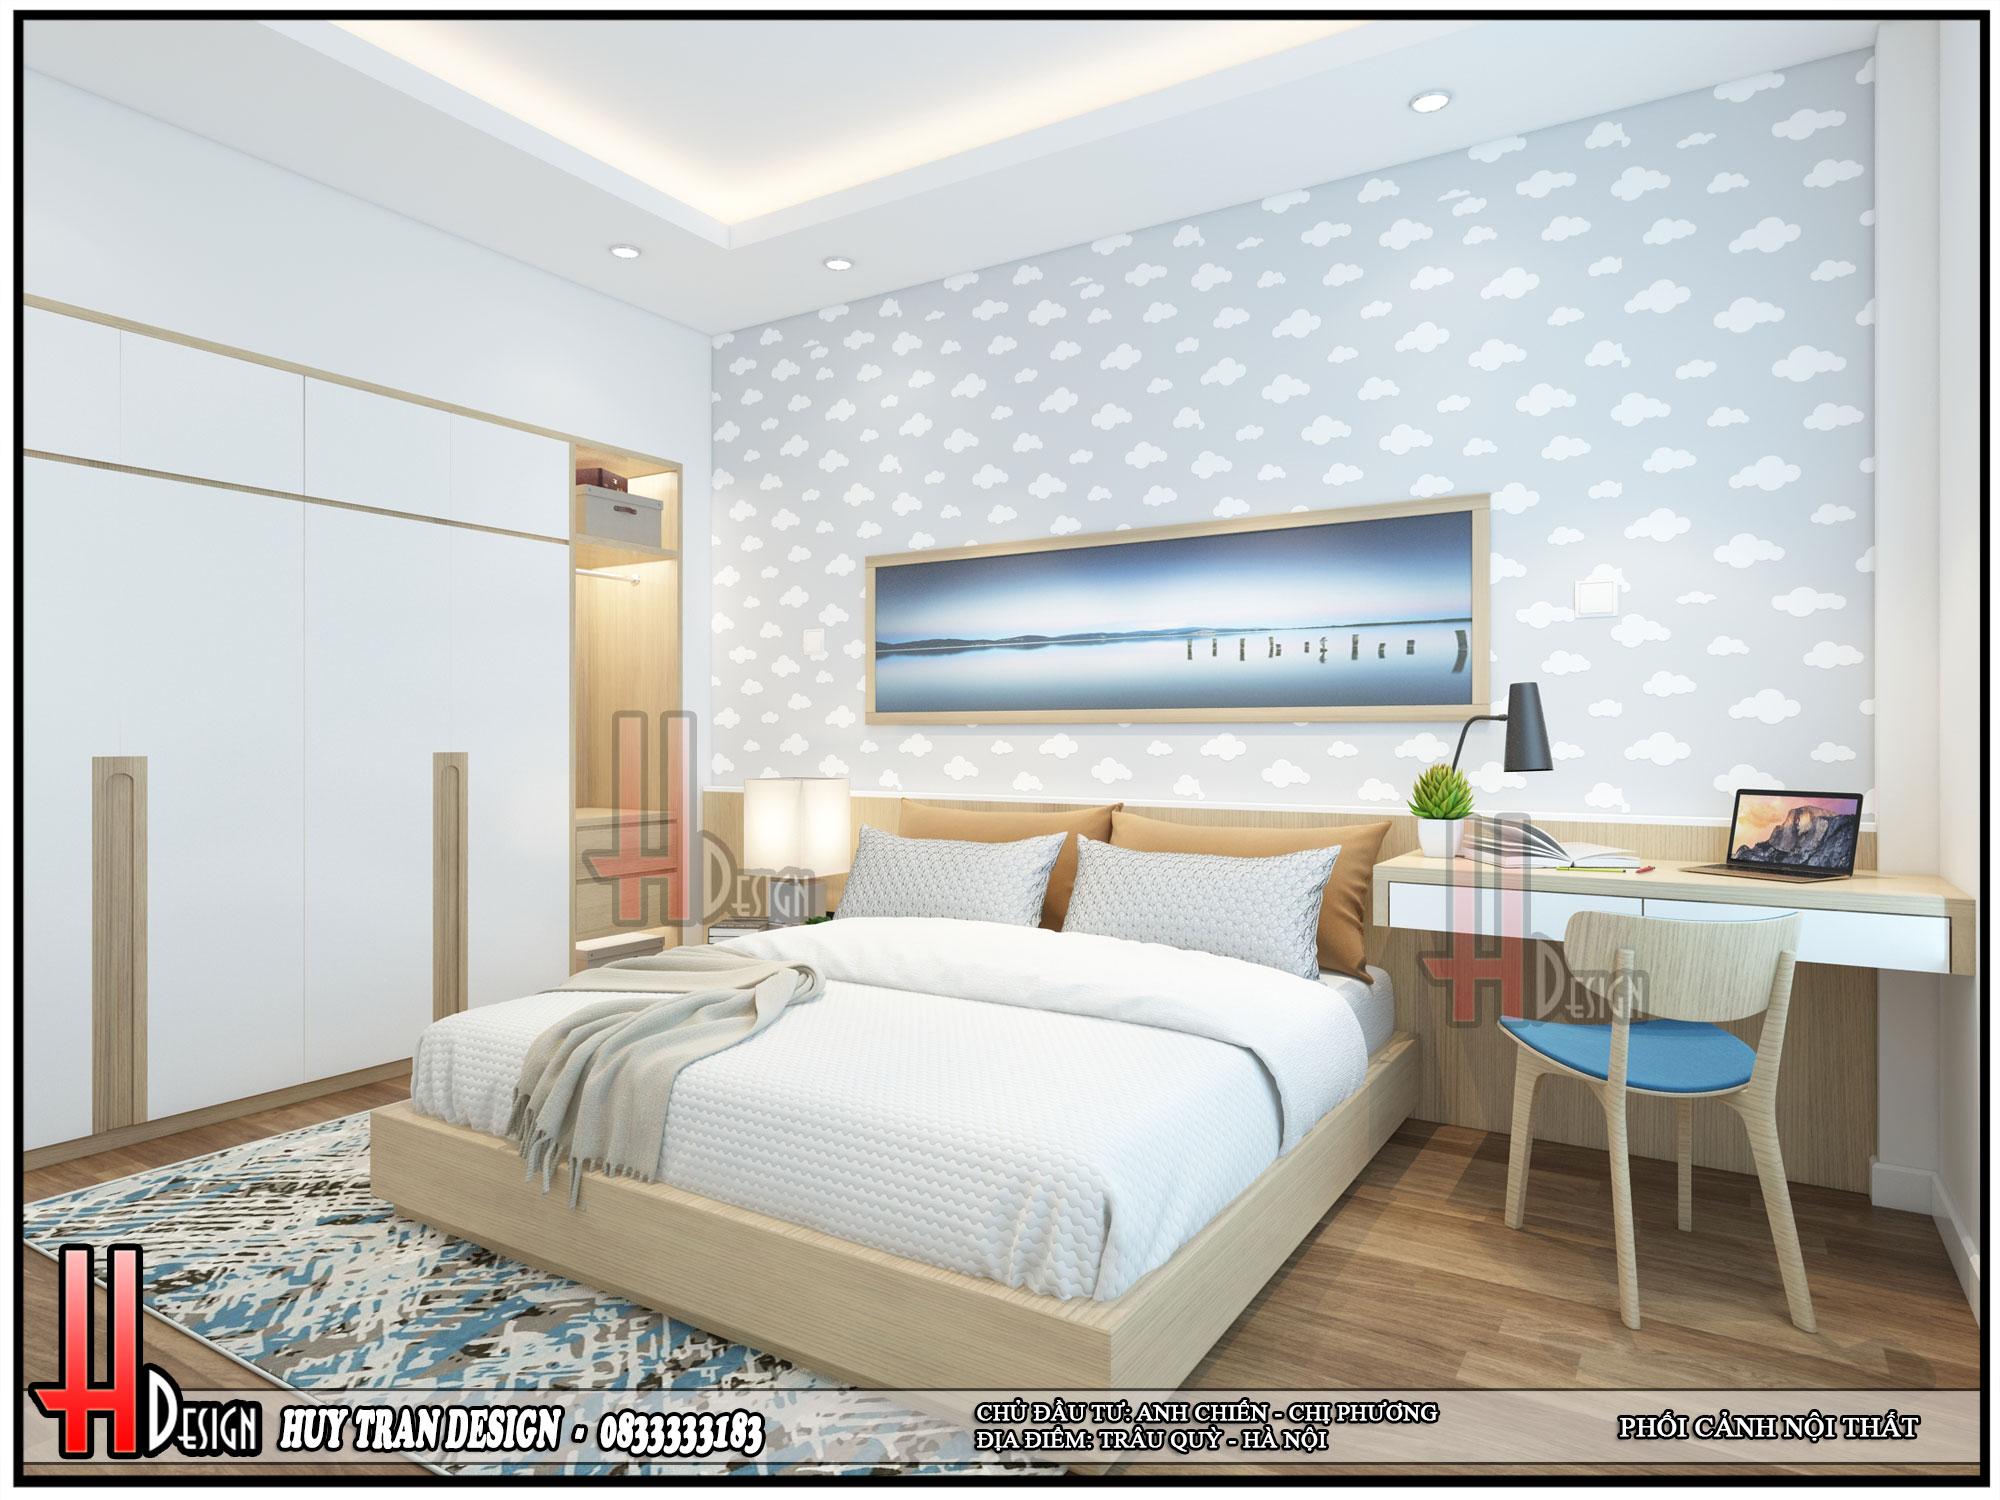 Mẫu thiết kế nội thất nhà phố sang trọng tinh tế